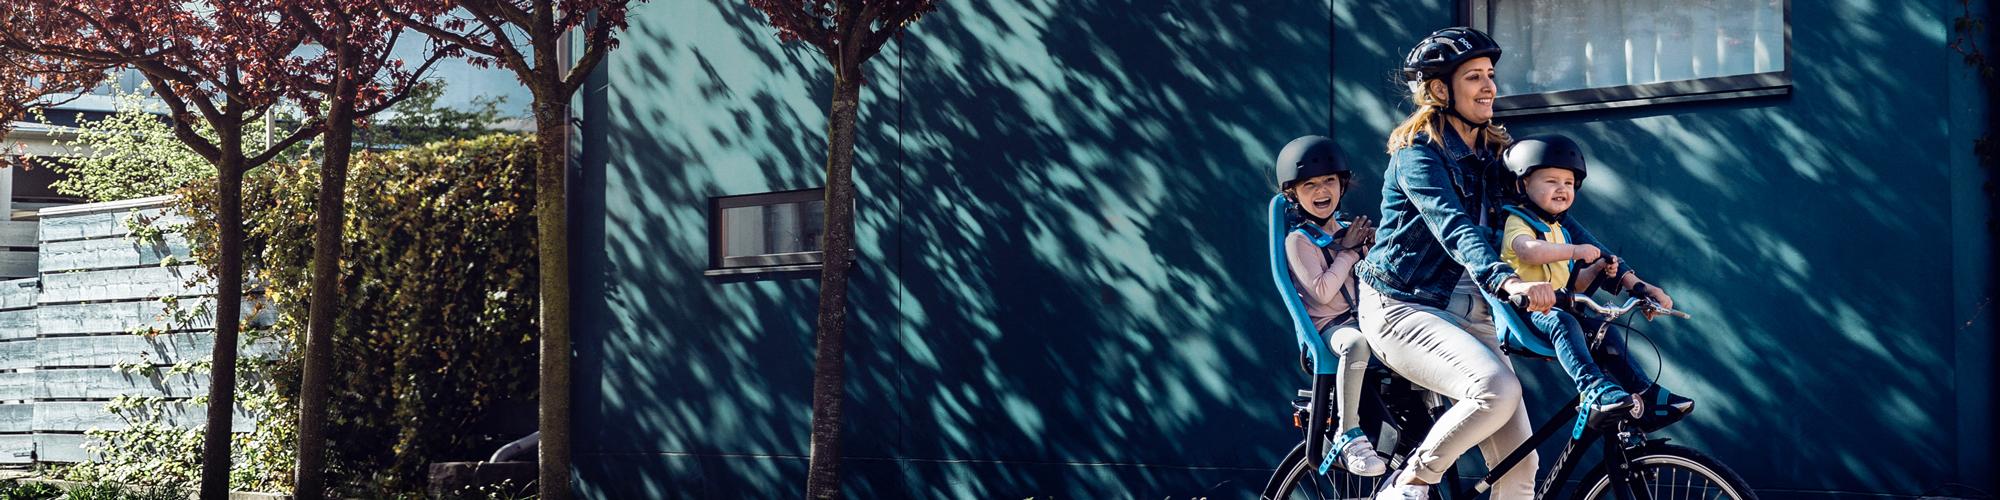 fotelik rowerowy thule baner